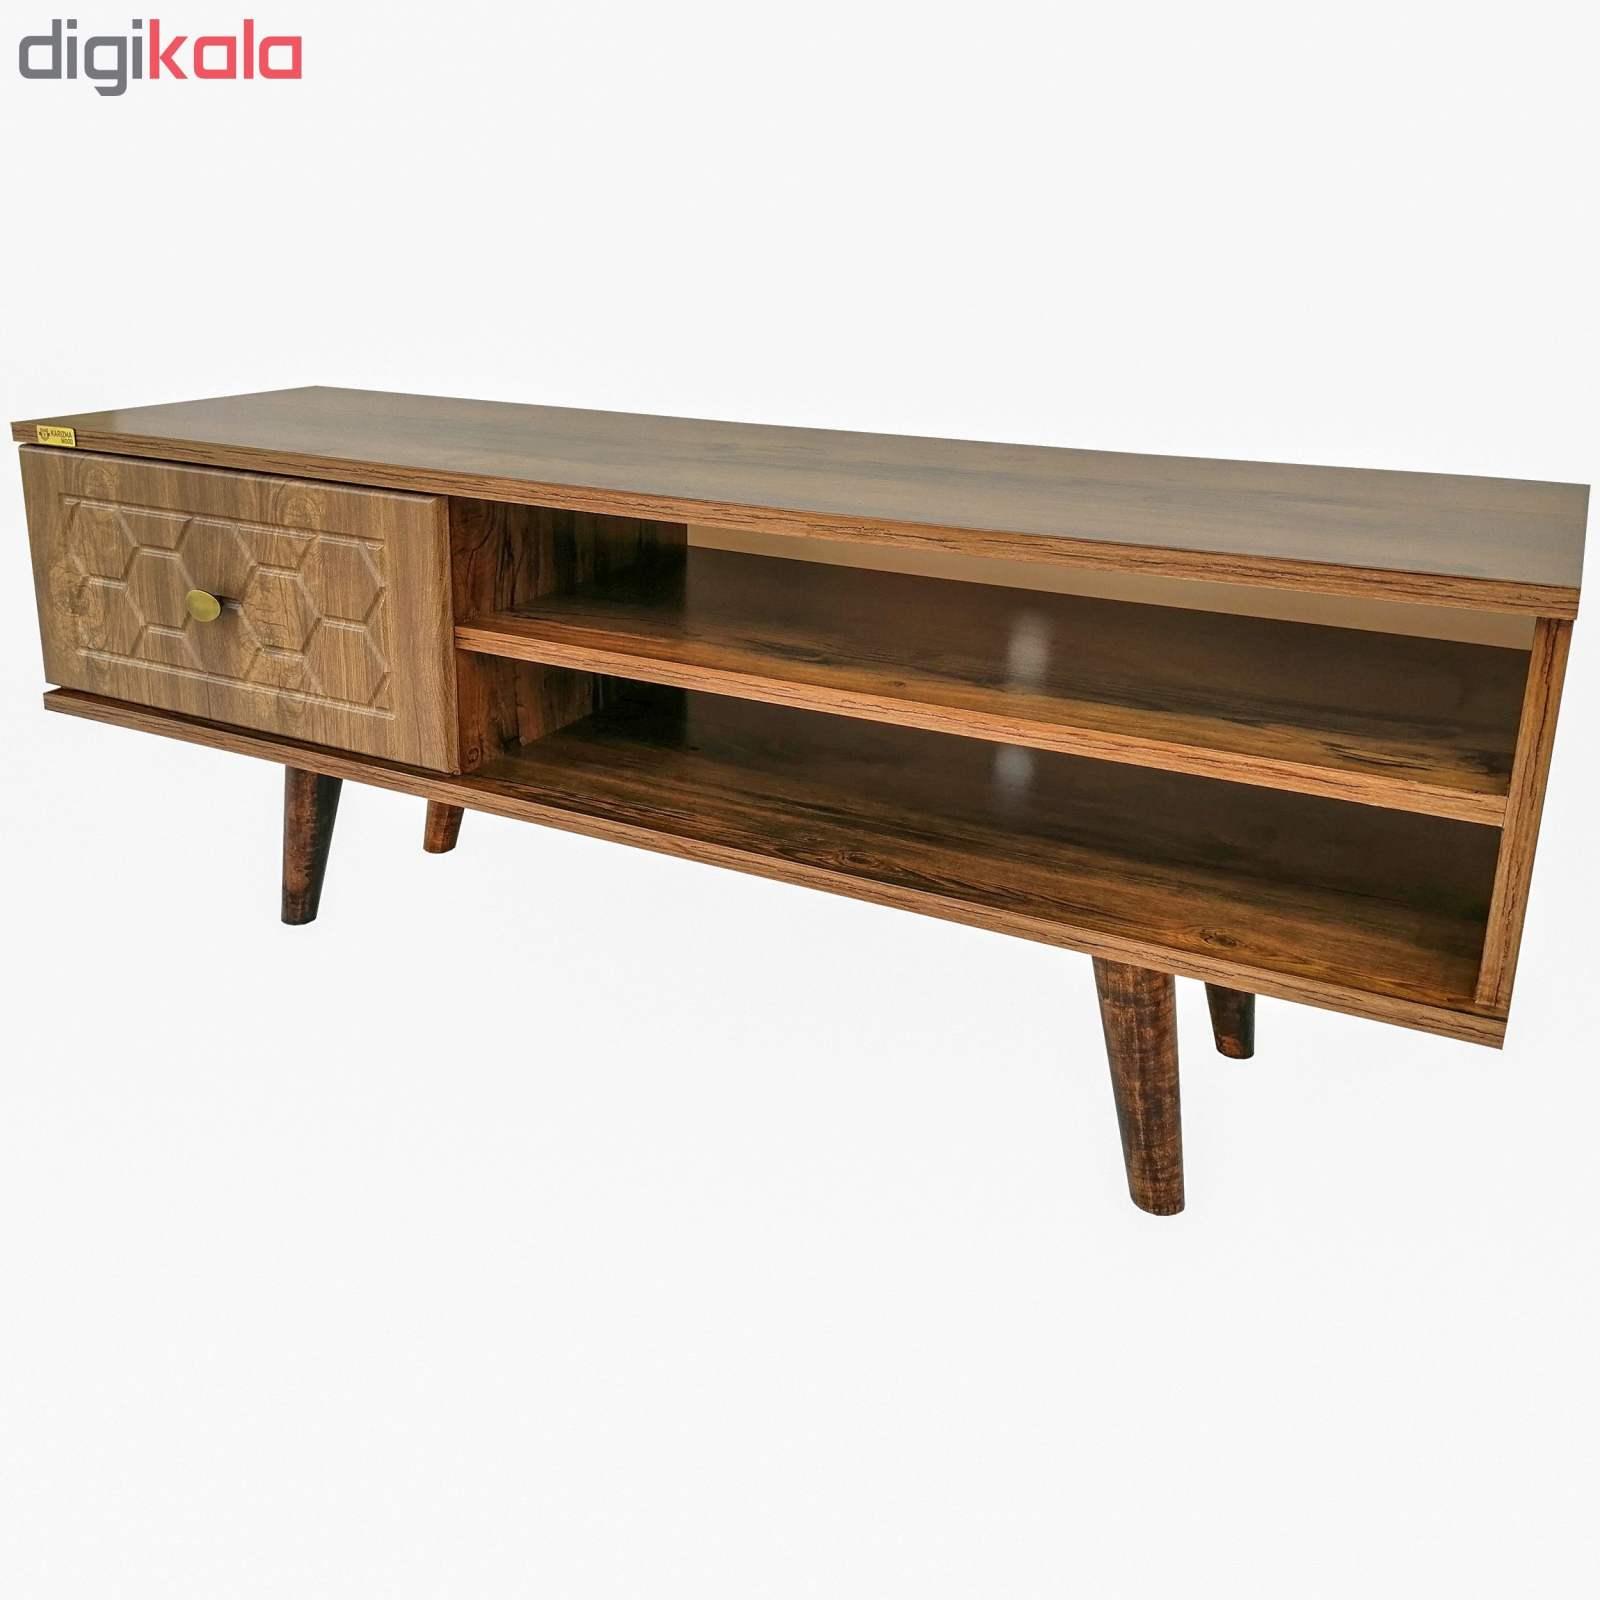 میز تلویزیون کاریزما وود مدل A205 main 1 3